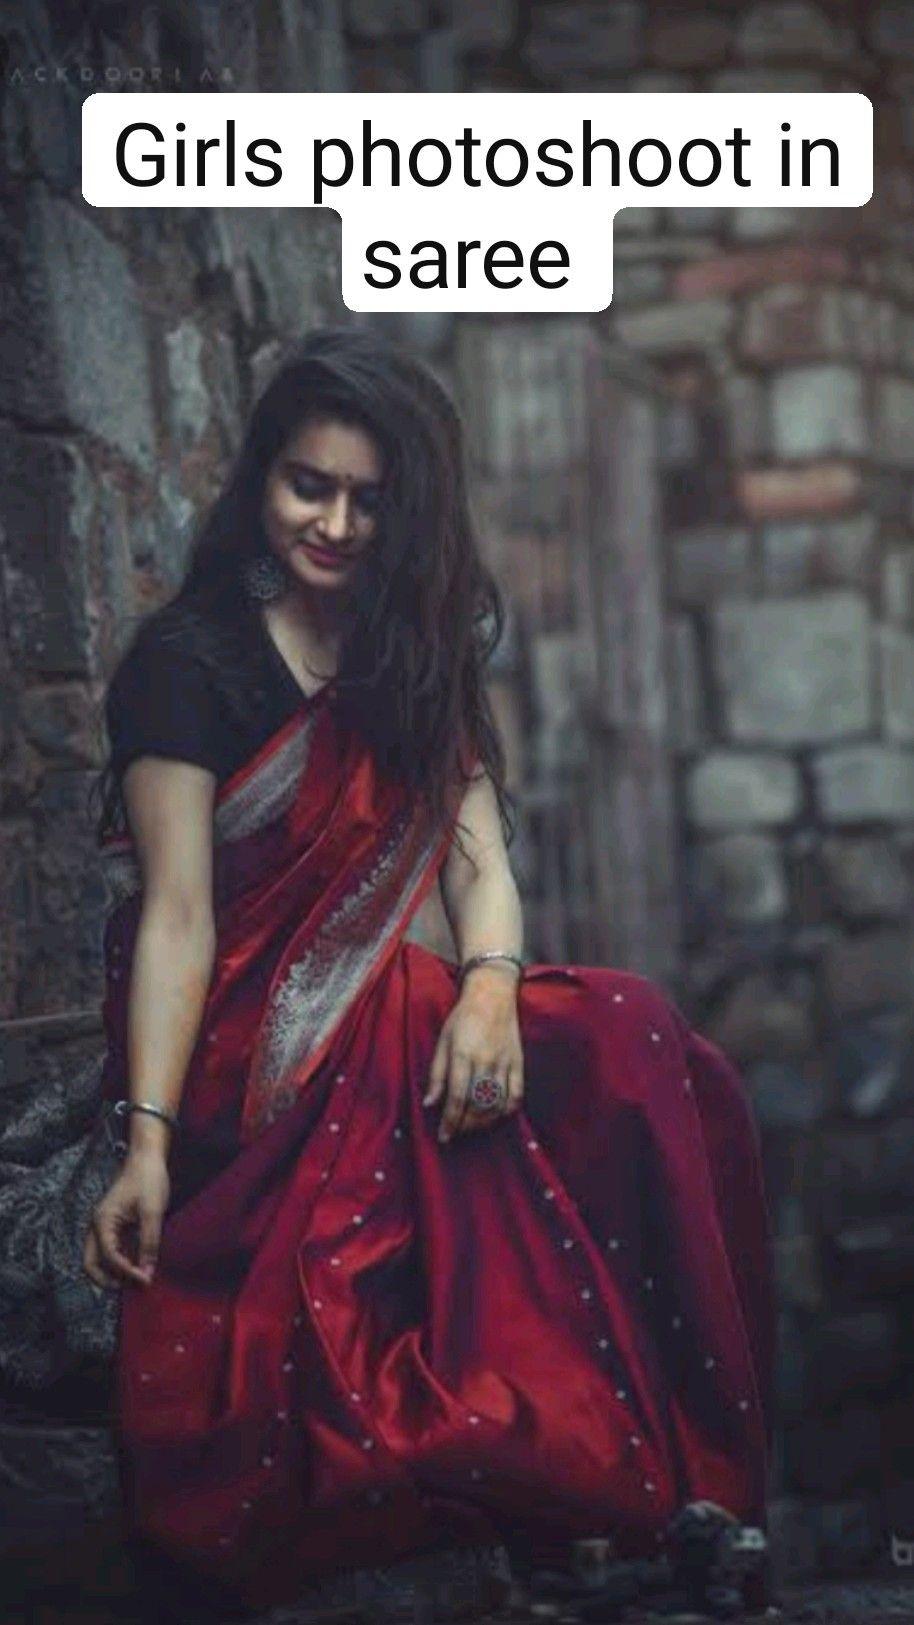 Girls photoshoot in saree